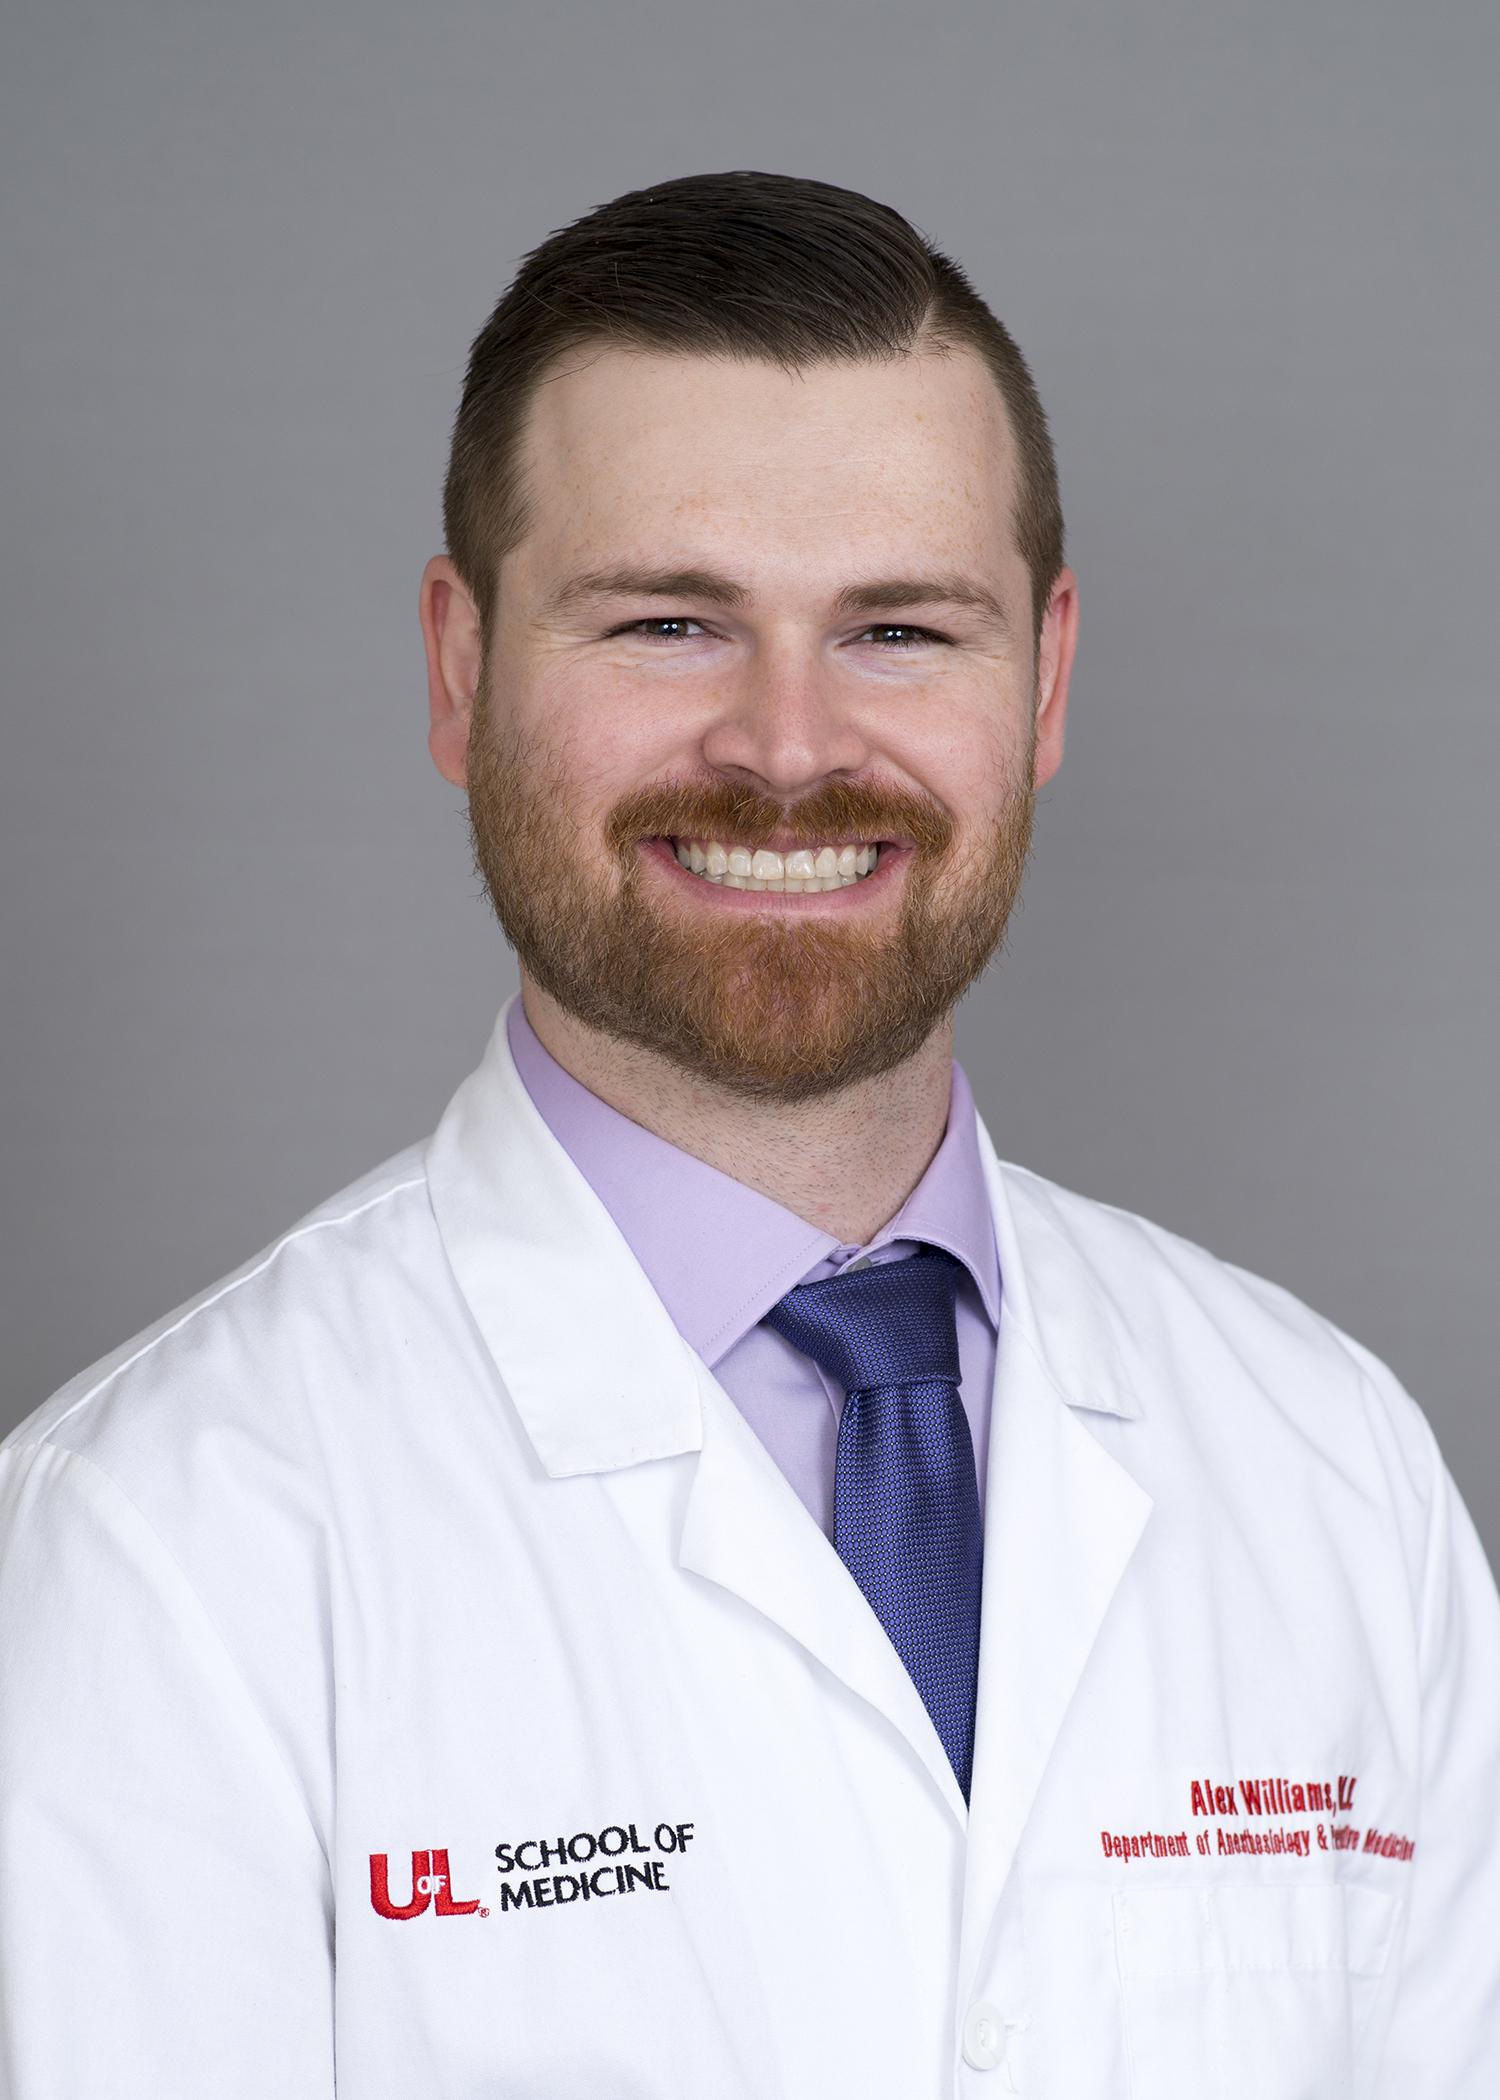 Dr. Alex Williams